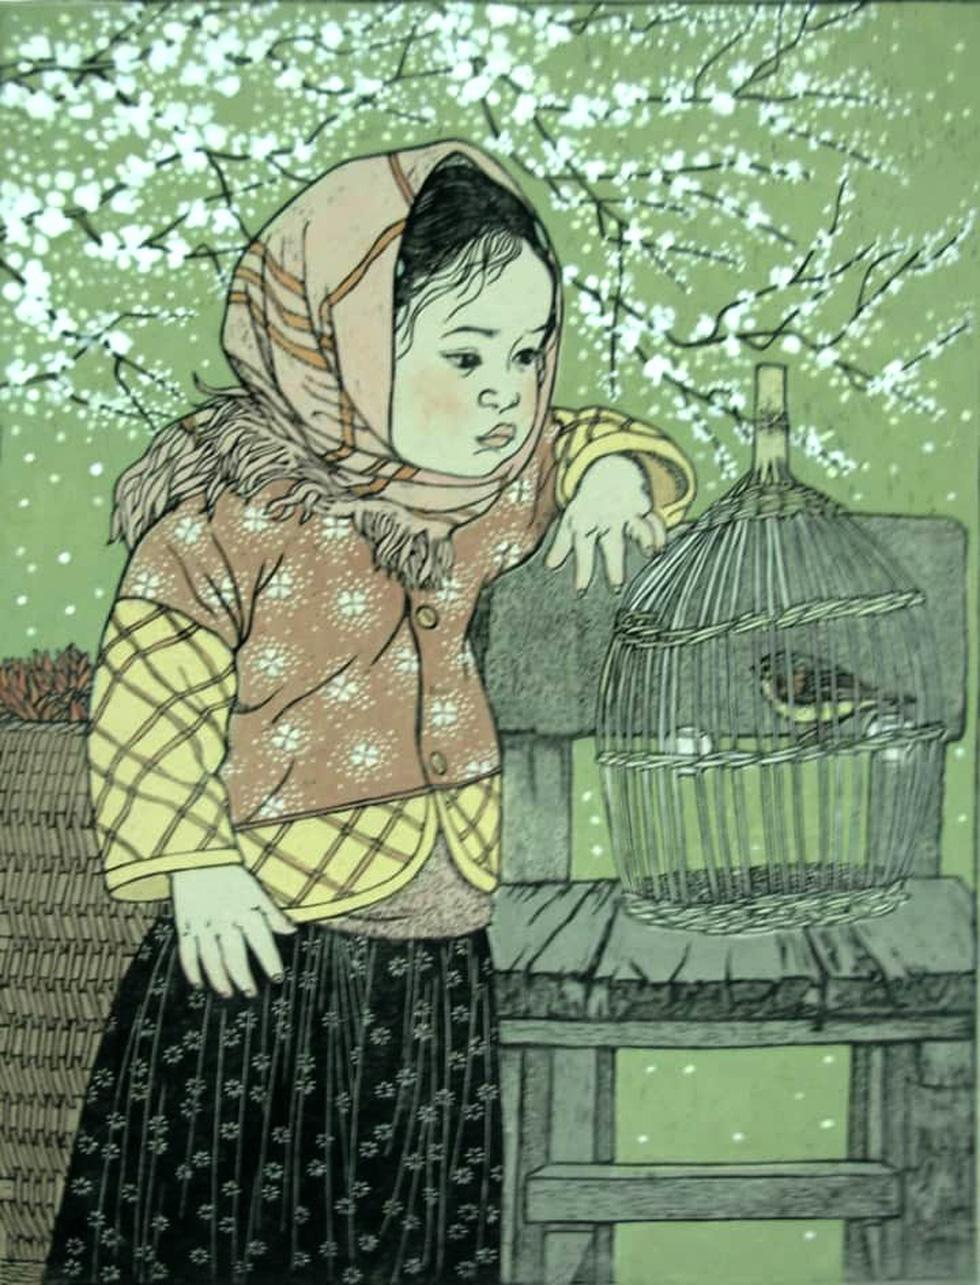 20 bức tranh Việt của Phố Bên Đồi đến Hà Lan tham gia triển lãm - Ảnh 12.